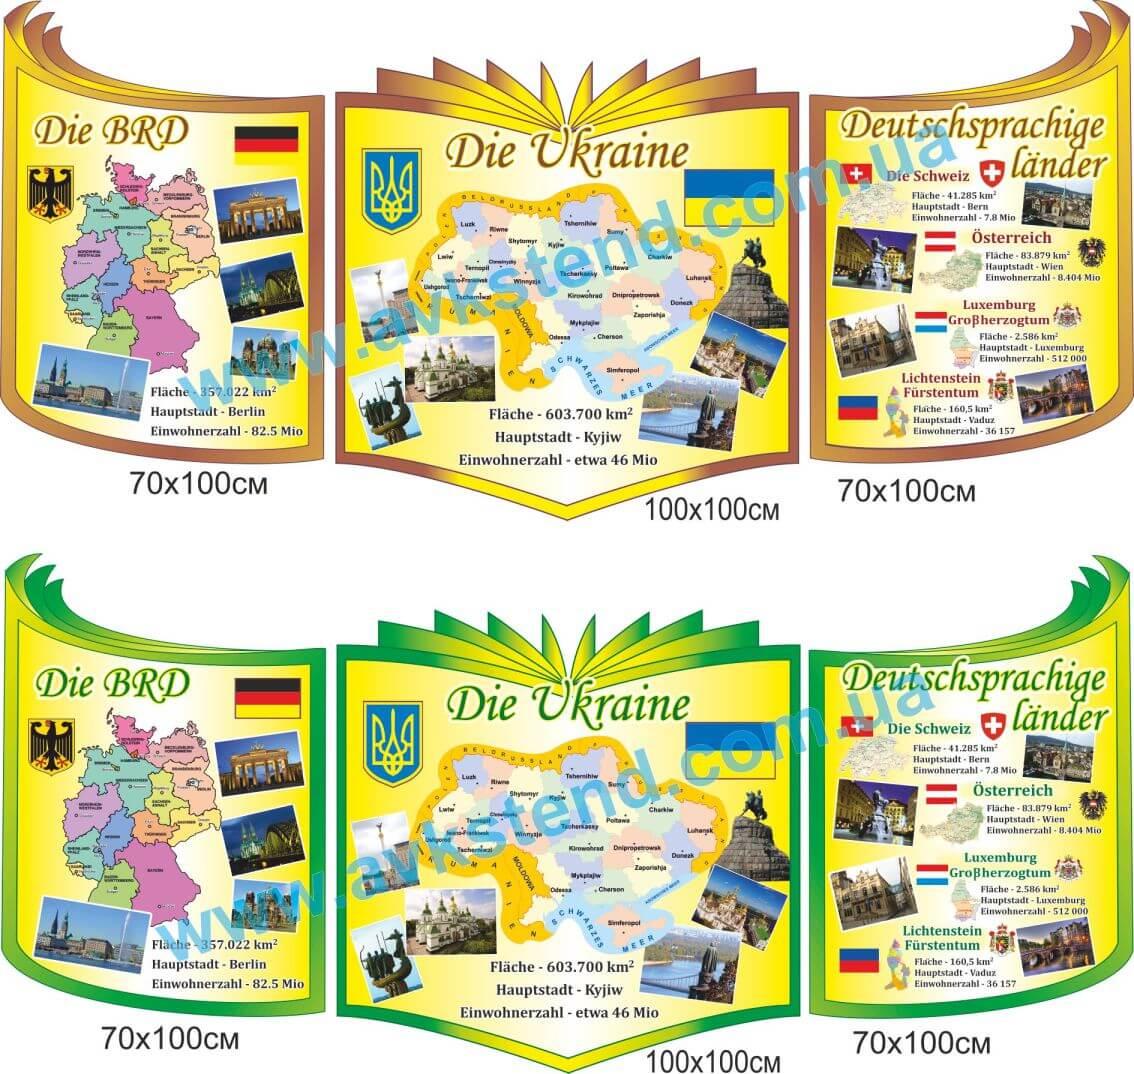 стенди для кабінету іноземної мови, стенды для кабинета иностранного языка, стенди для кабінету німецької мови купити, кабінет німецької мови, стенди для шкільних кабінетів замовити, стенды для кабинета немецкого языка купить, кабинет немецкого языка, стенды для школьных кабинетов заказать